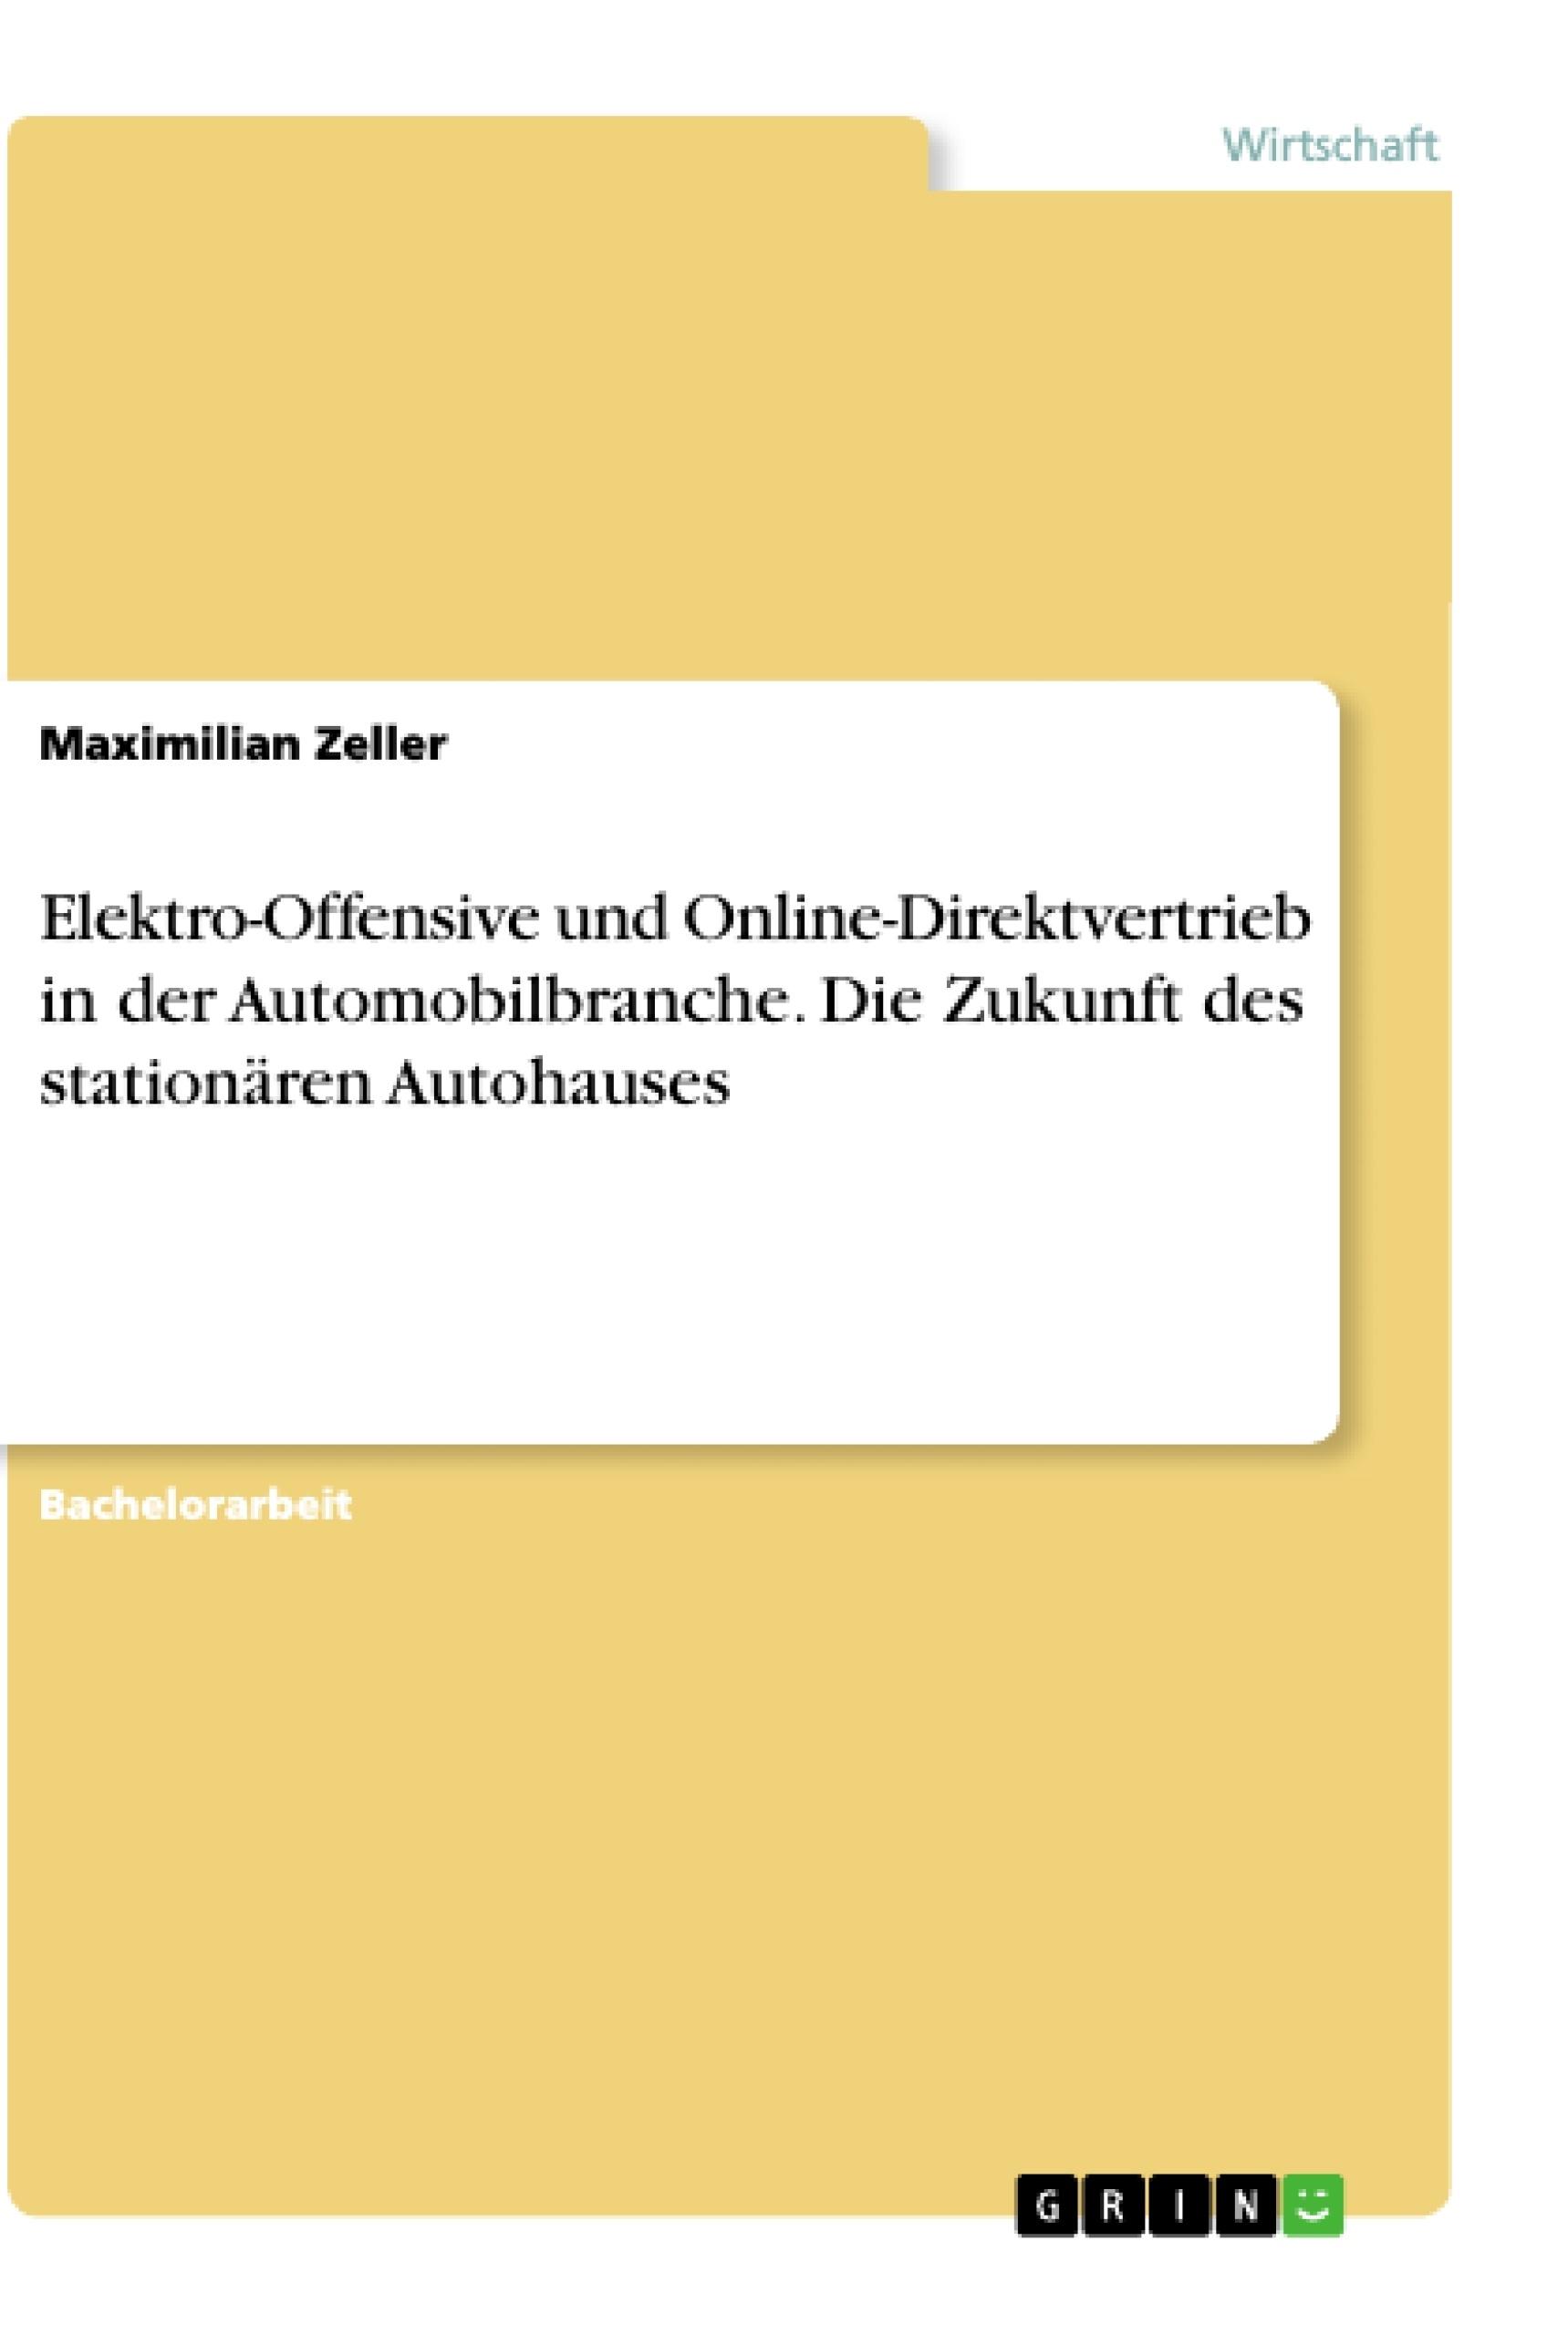 Titel: Elektro-Offensive und Online-Direktvertrieb in der Automobilbranche. Die Zukunft des stationären Autohauses